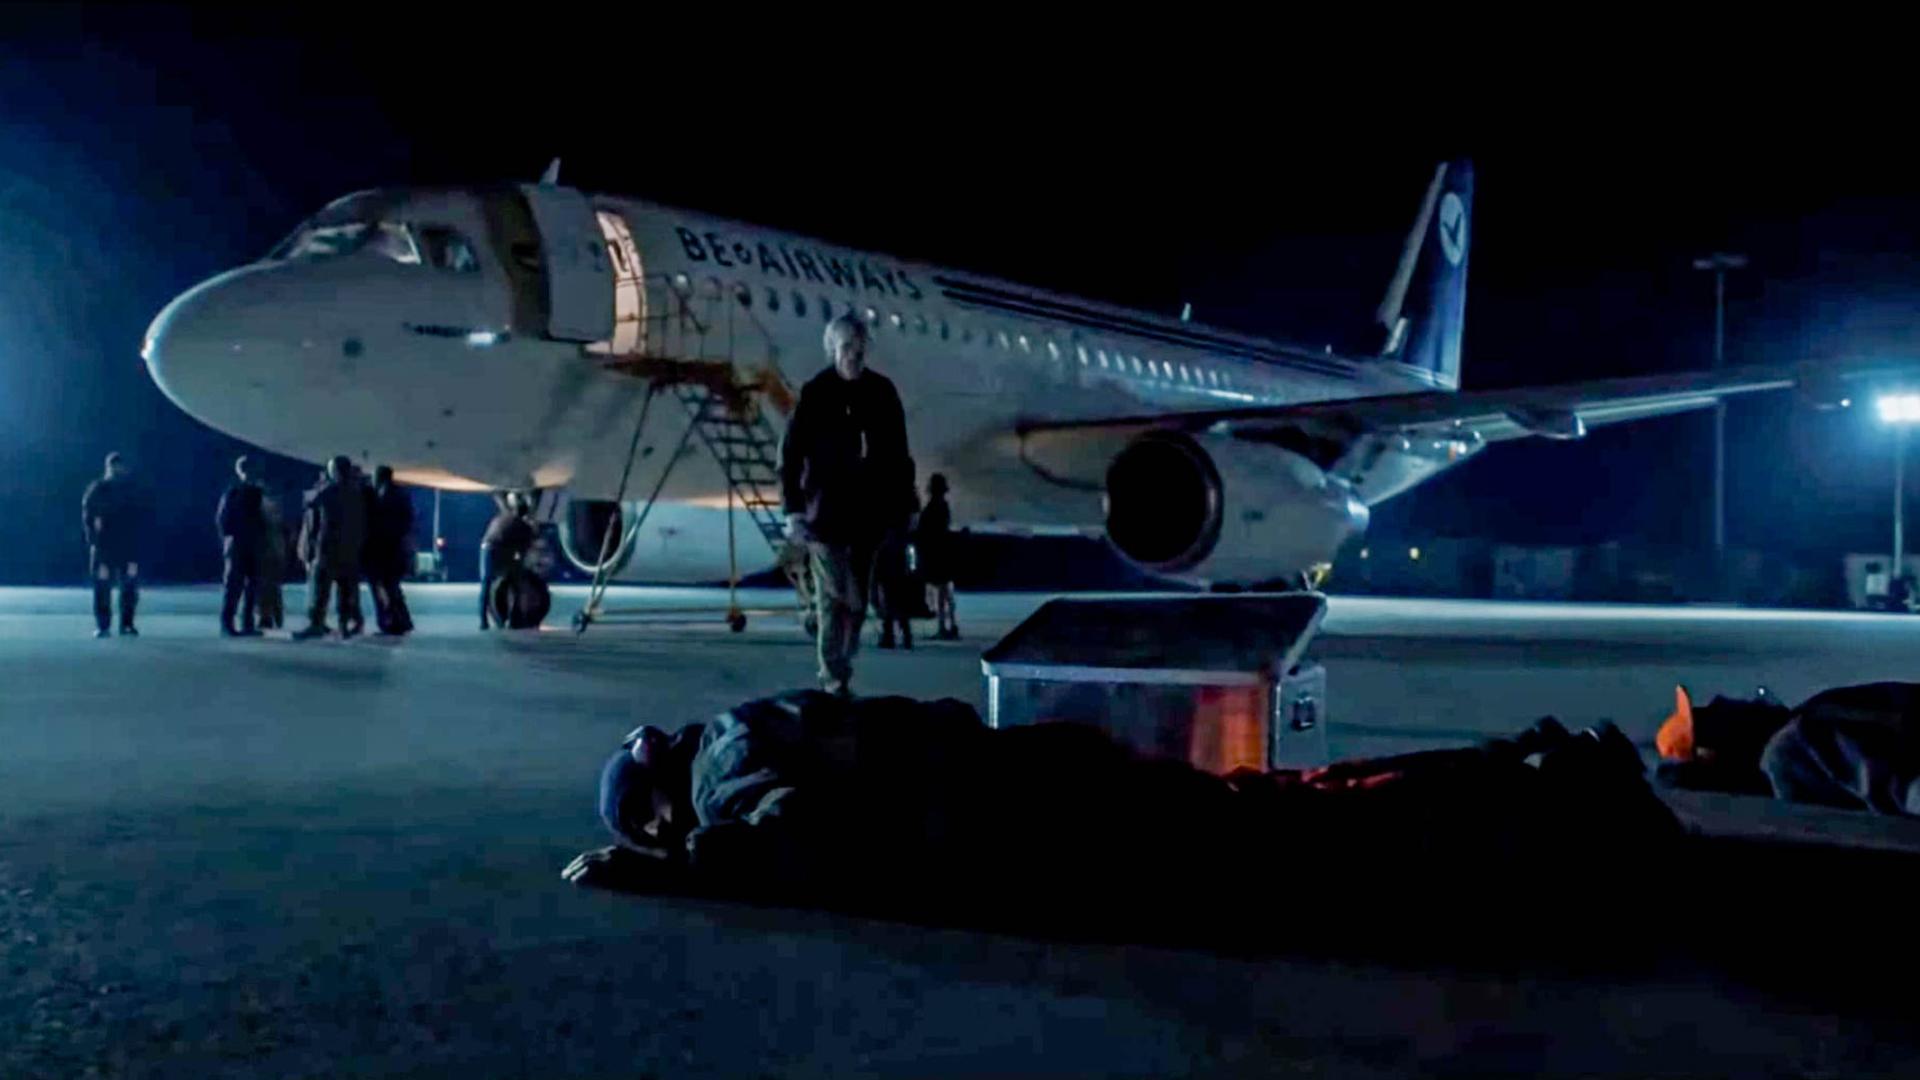 飞机刚降落,却发现地上的人几乎都死了,得知原因脸色巨变